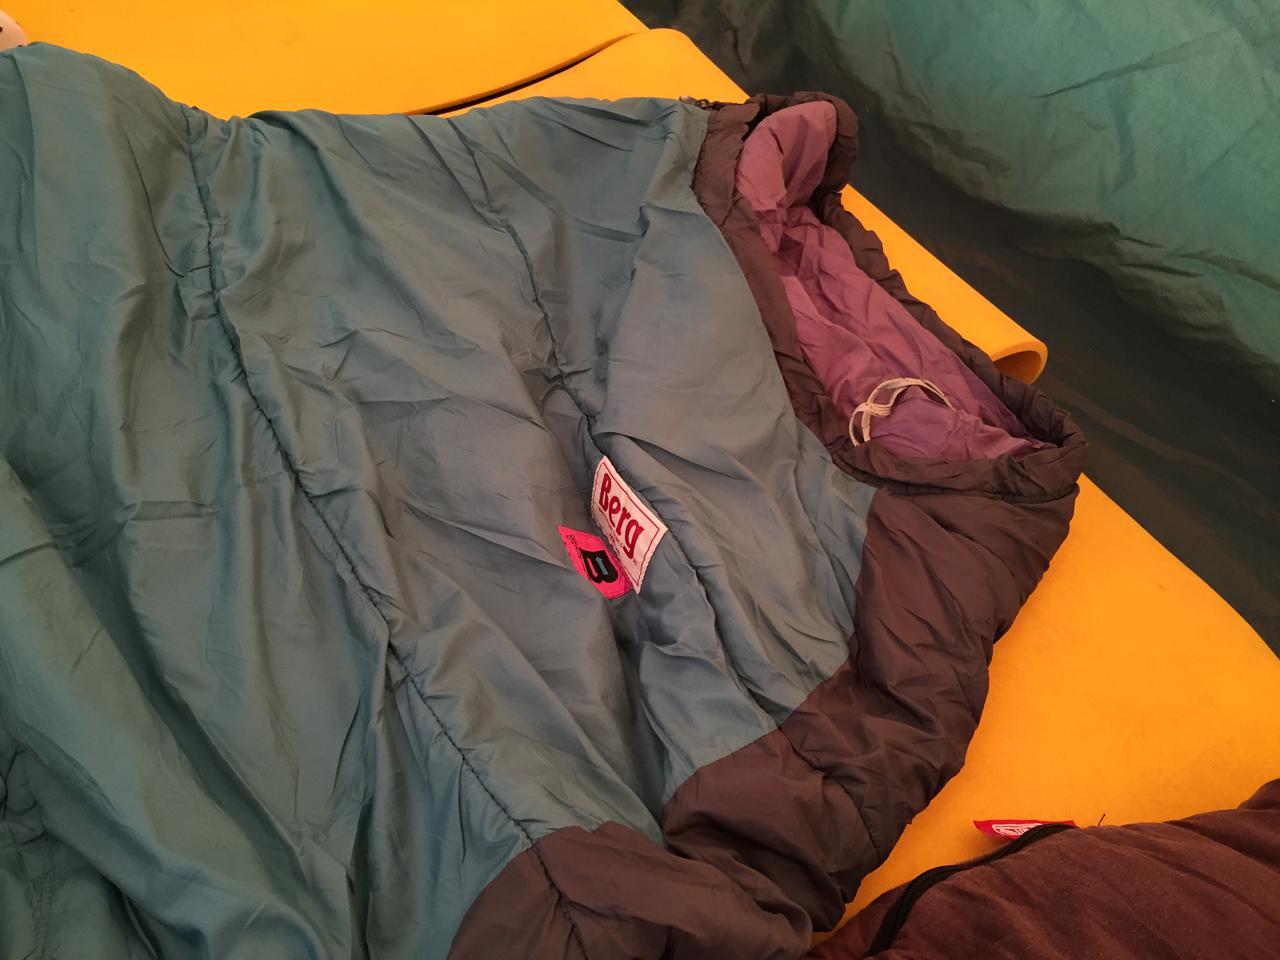 画像1: 【冬キャンプ】寒くない寝袋おすすめ7選 冬用シュラフで快適な夜を過ごそう!